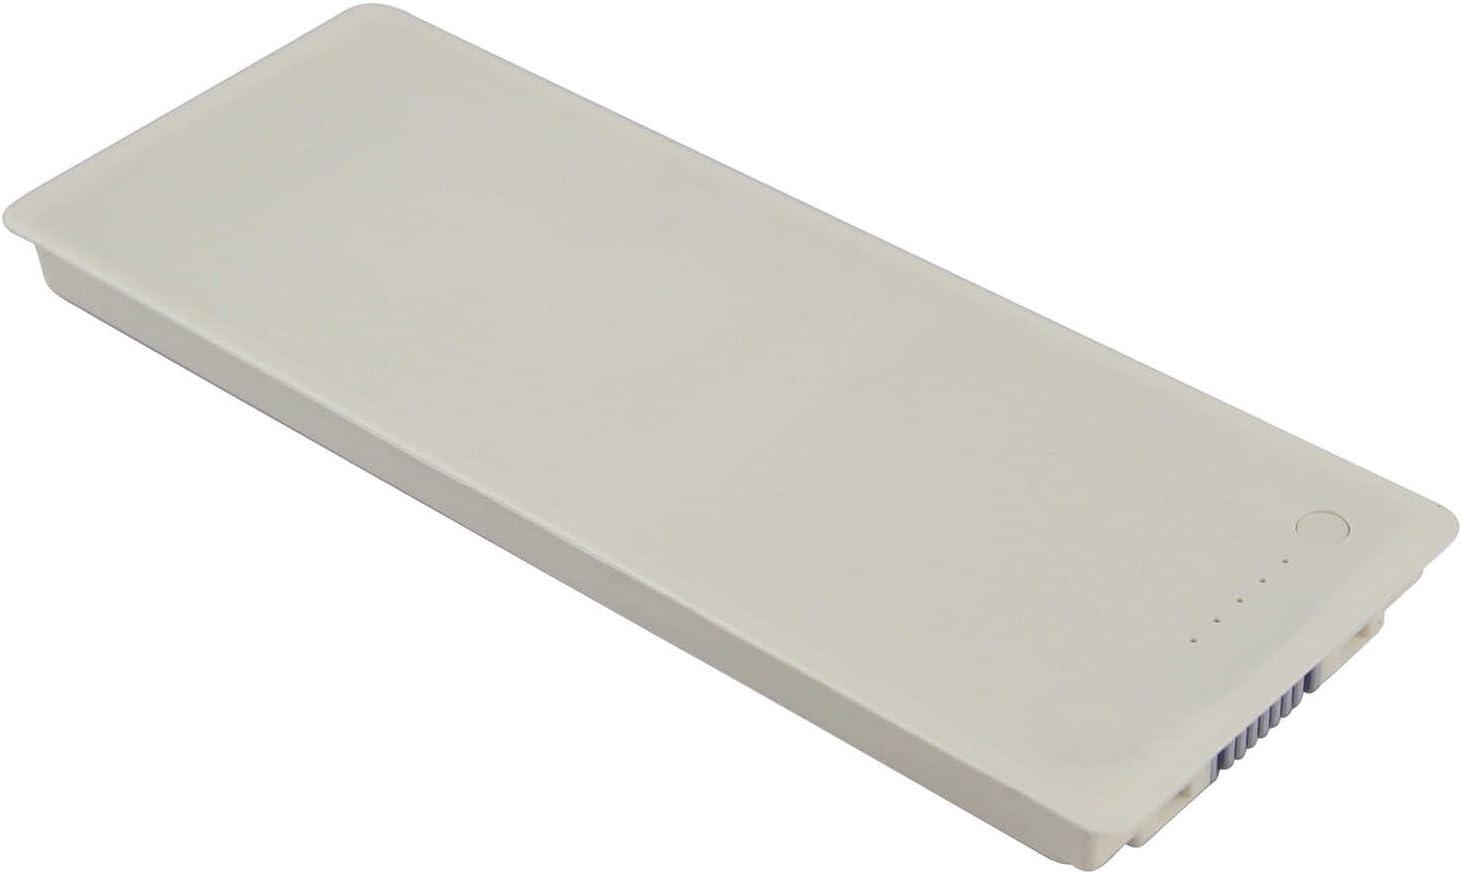 A1185 Laptop Battery for MacBook 13 A1181 MA561 MA254 MA255 MA472 MA566 MA700 MA701 MB061 MB062 MA561FE/A MA561G/A MA561J/A White